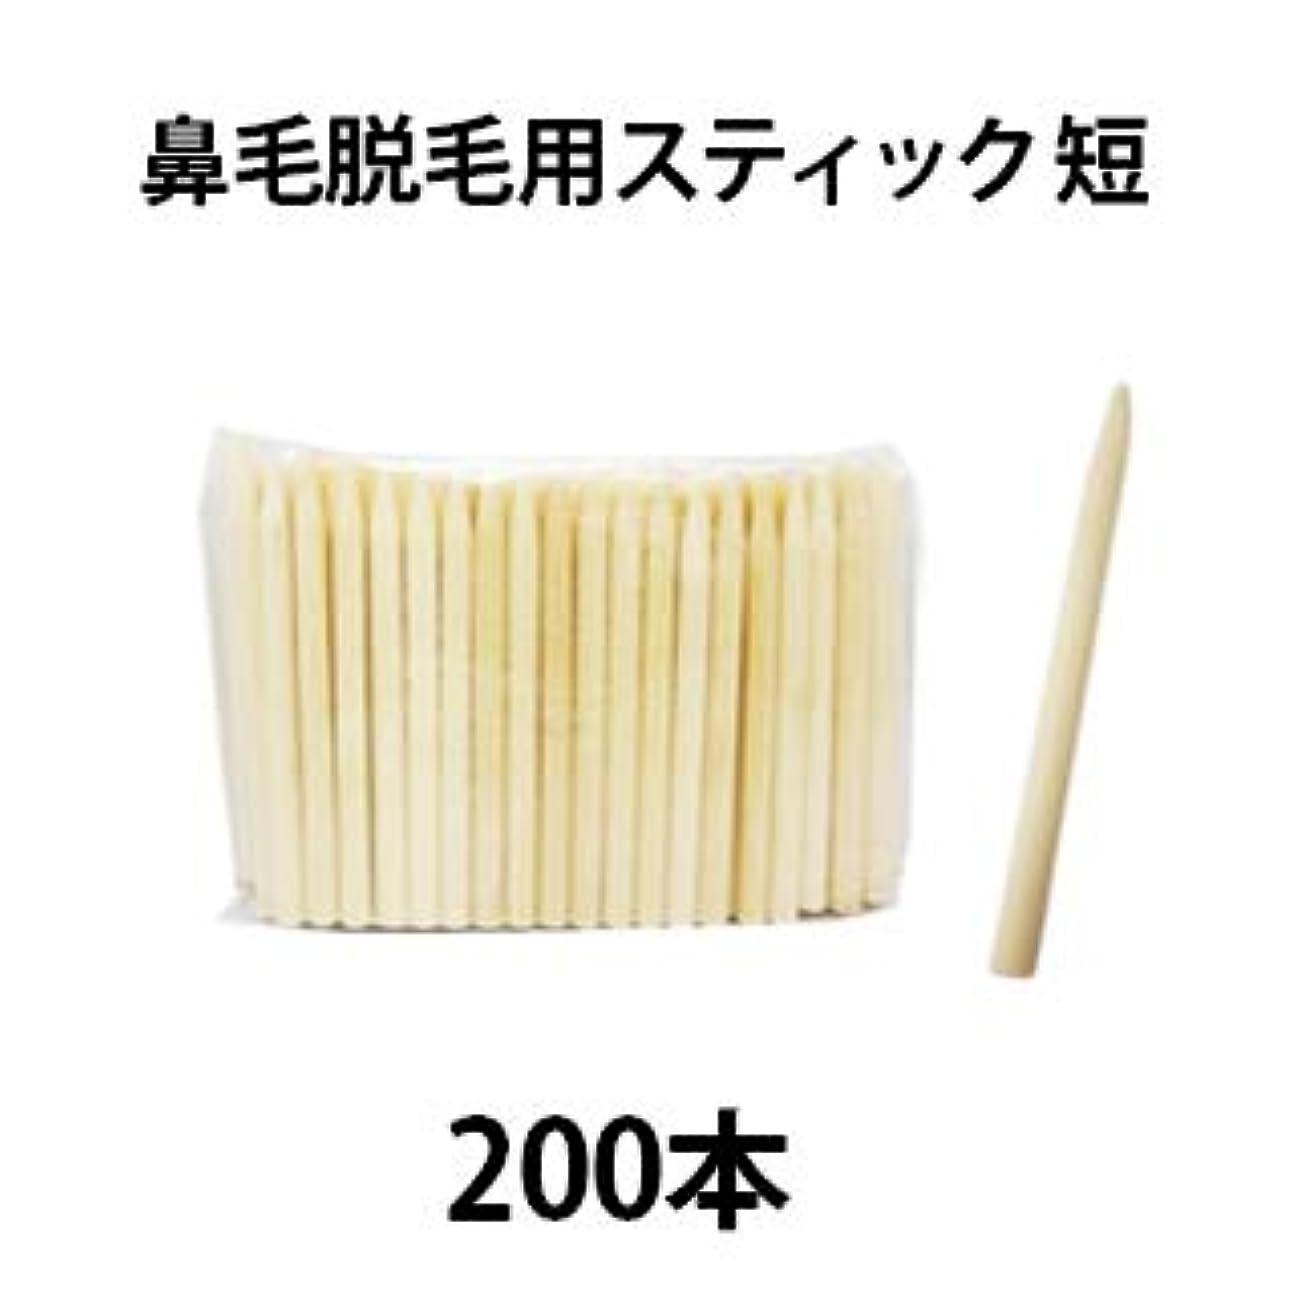 転送ガラガラ西【短 鼻毛脱毛】ウッドスティック 短 200本 75mm